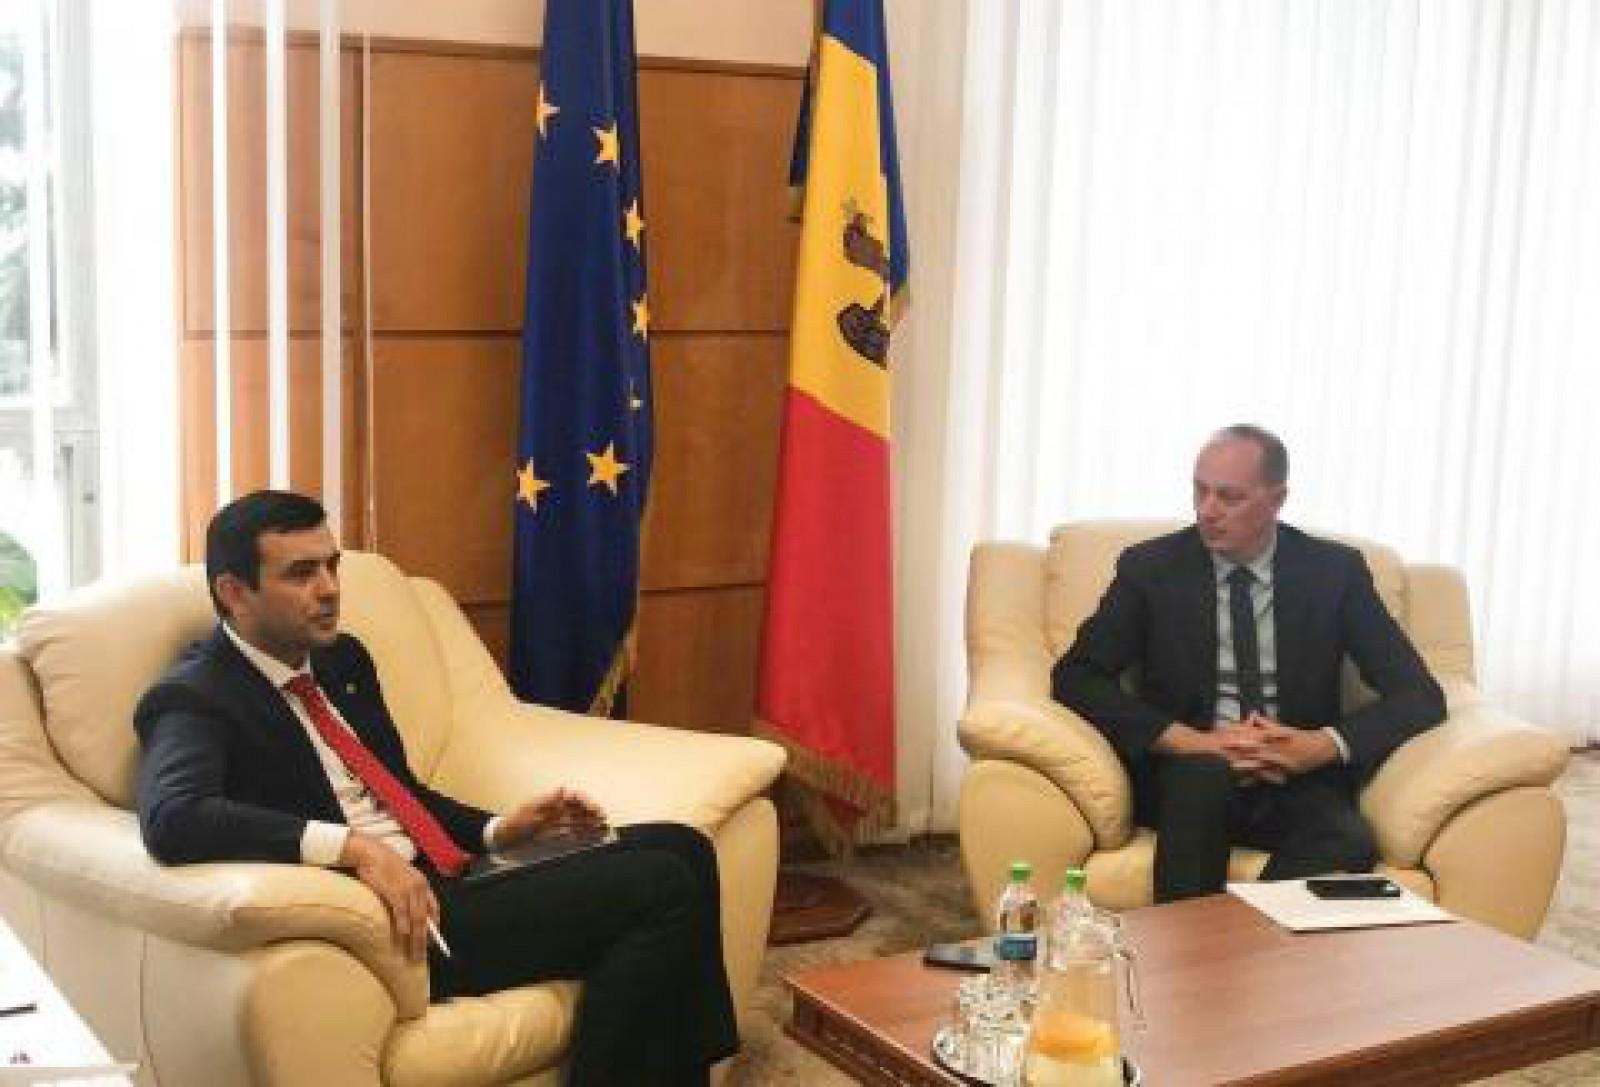 Guvernarea se laudă: FMI apreciază pozitiv acțiunile întreprinse de autoritățile Republicii Moldova pentru o creștere economică continuă